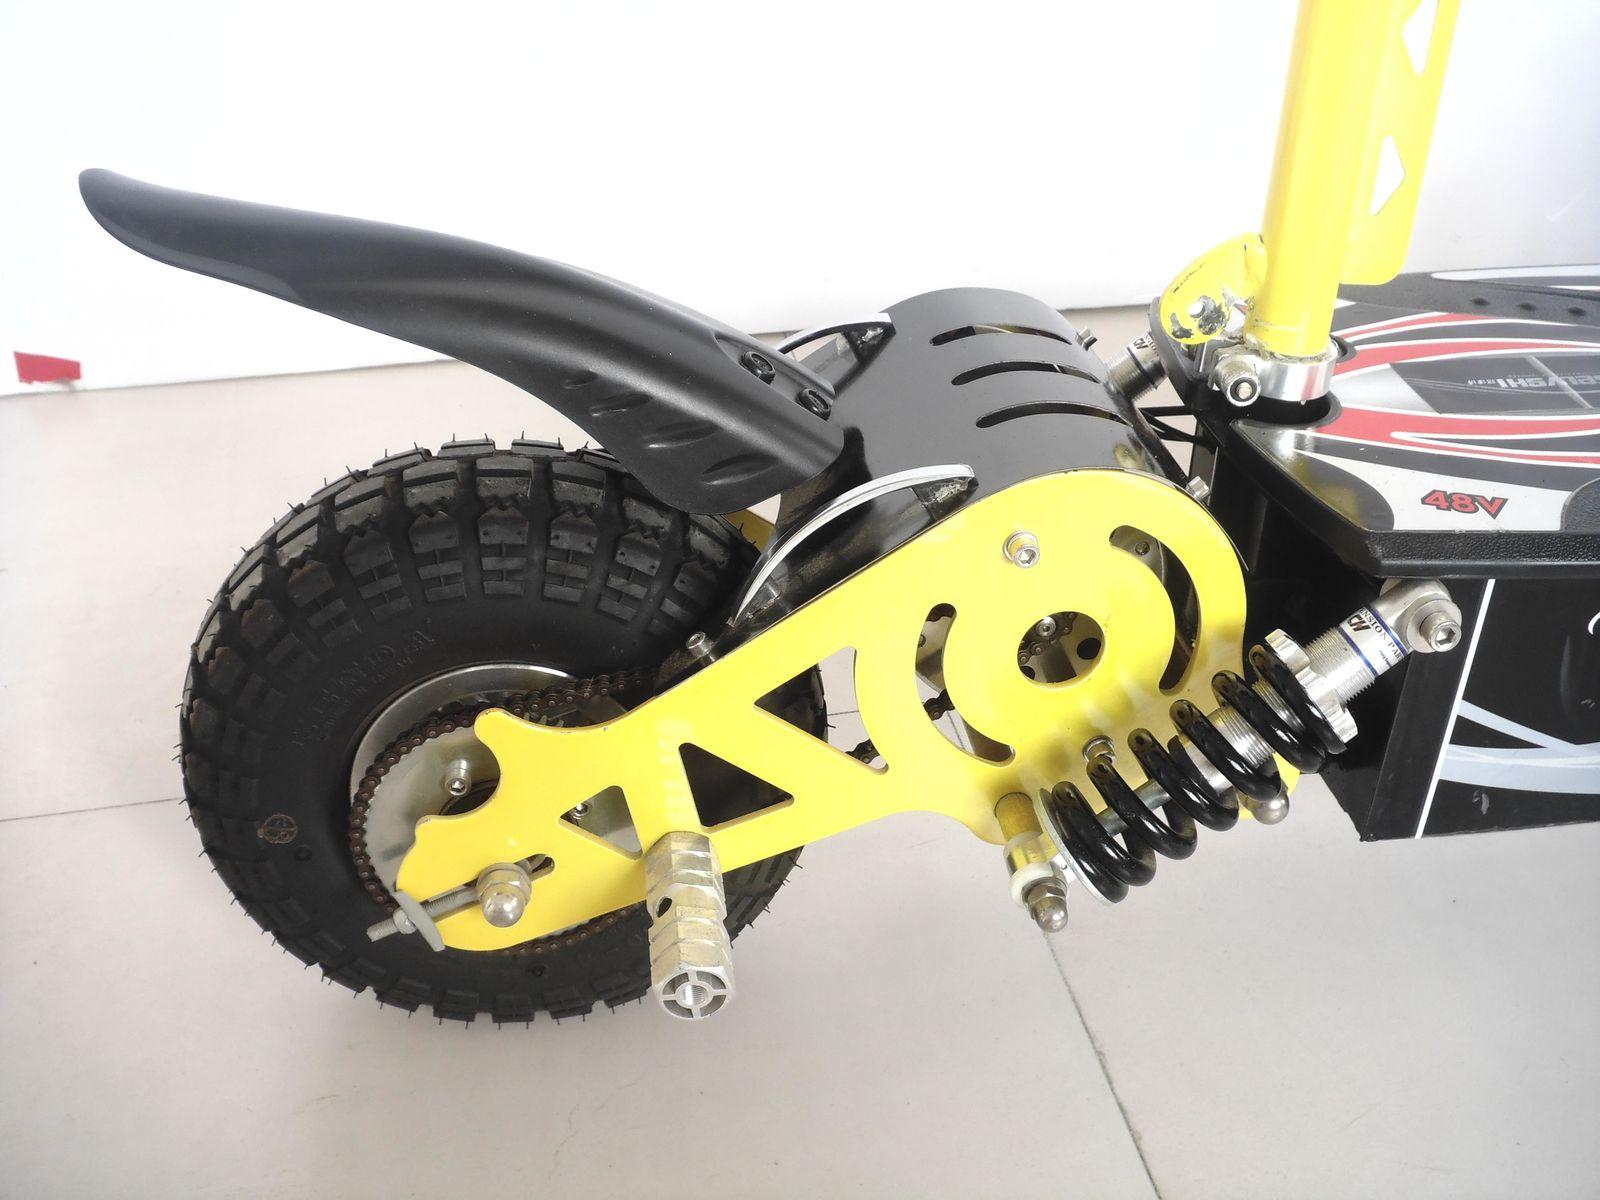 Trottinette électrique 1000w/48v : 499€ - Trottinette électrique